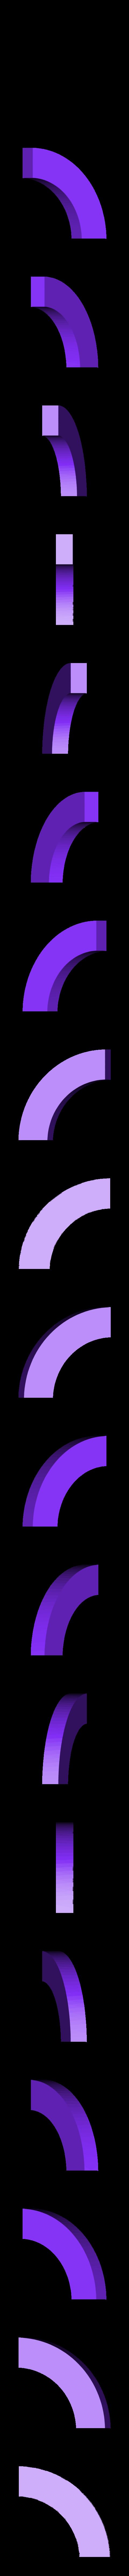 insert.stl Télécharger fichier STL gratuit Mosaïque Dragon Curve • Objet pour imprimante 3D, Bolrod